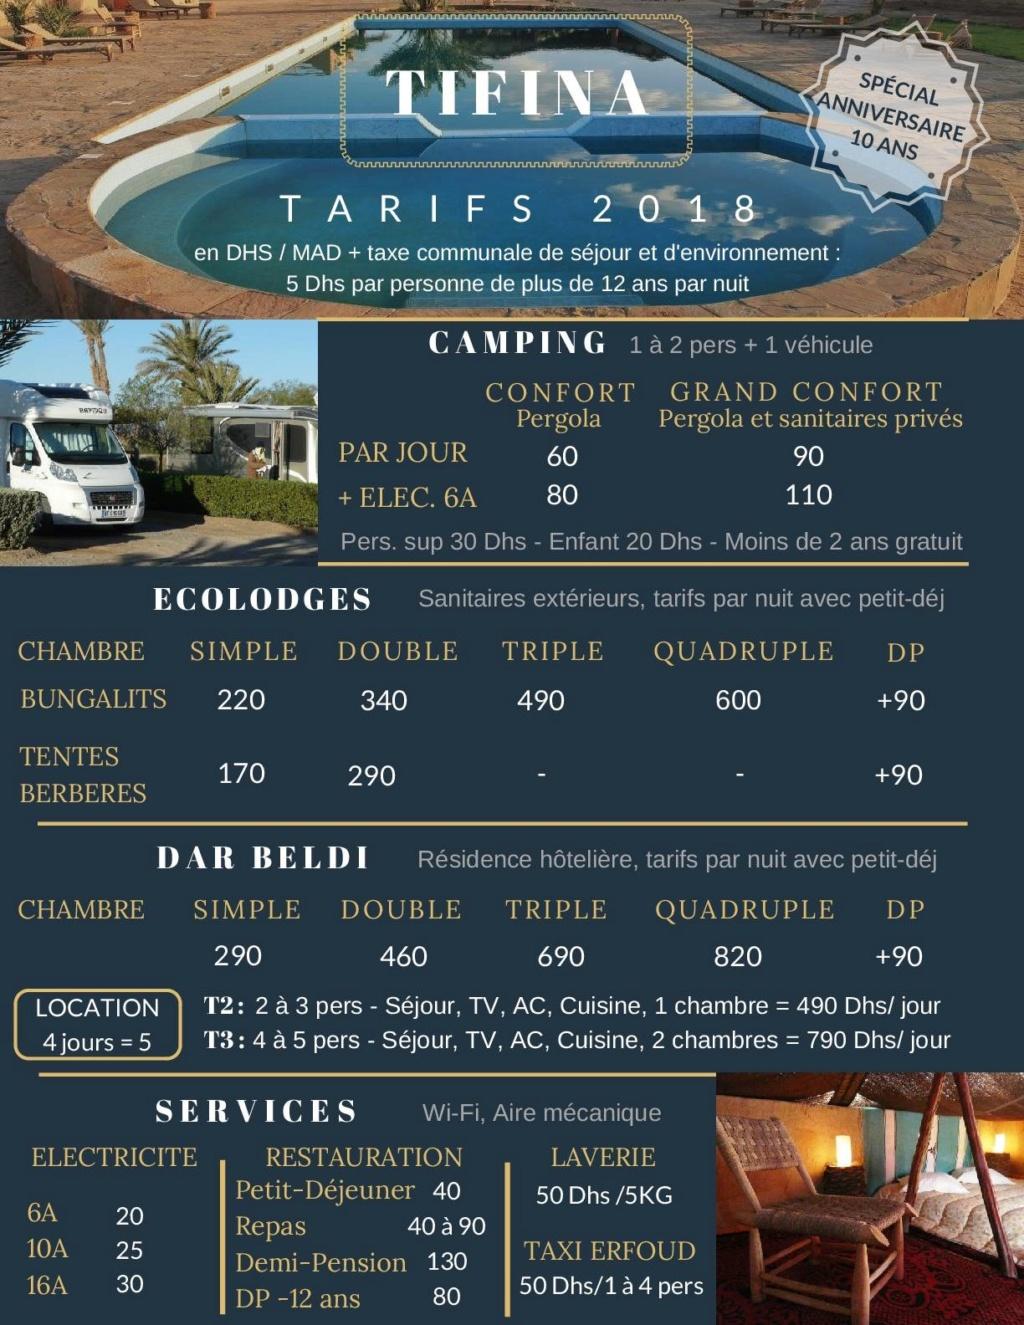 [Maroc Camp/Dernières nouvelles] arfoud camping Tifina - Page 2 Tarifs11